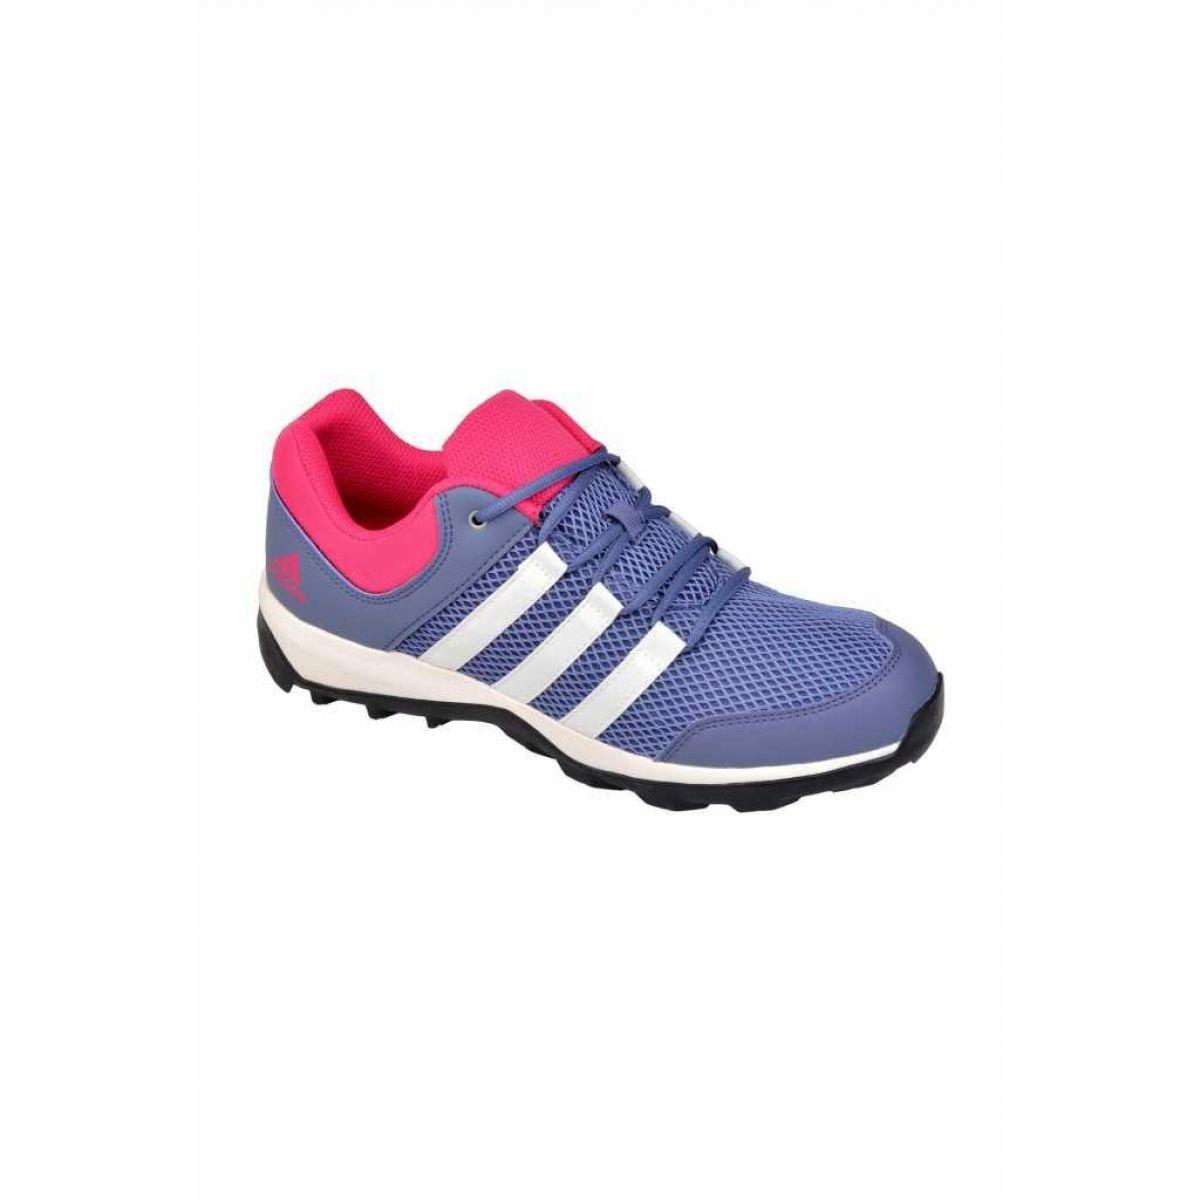 najlepsze oferty na świetna jakość świetna jakość AF6131) Buty damskie adidas Daroga Plus r. 32 - 7442379774 ...